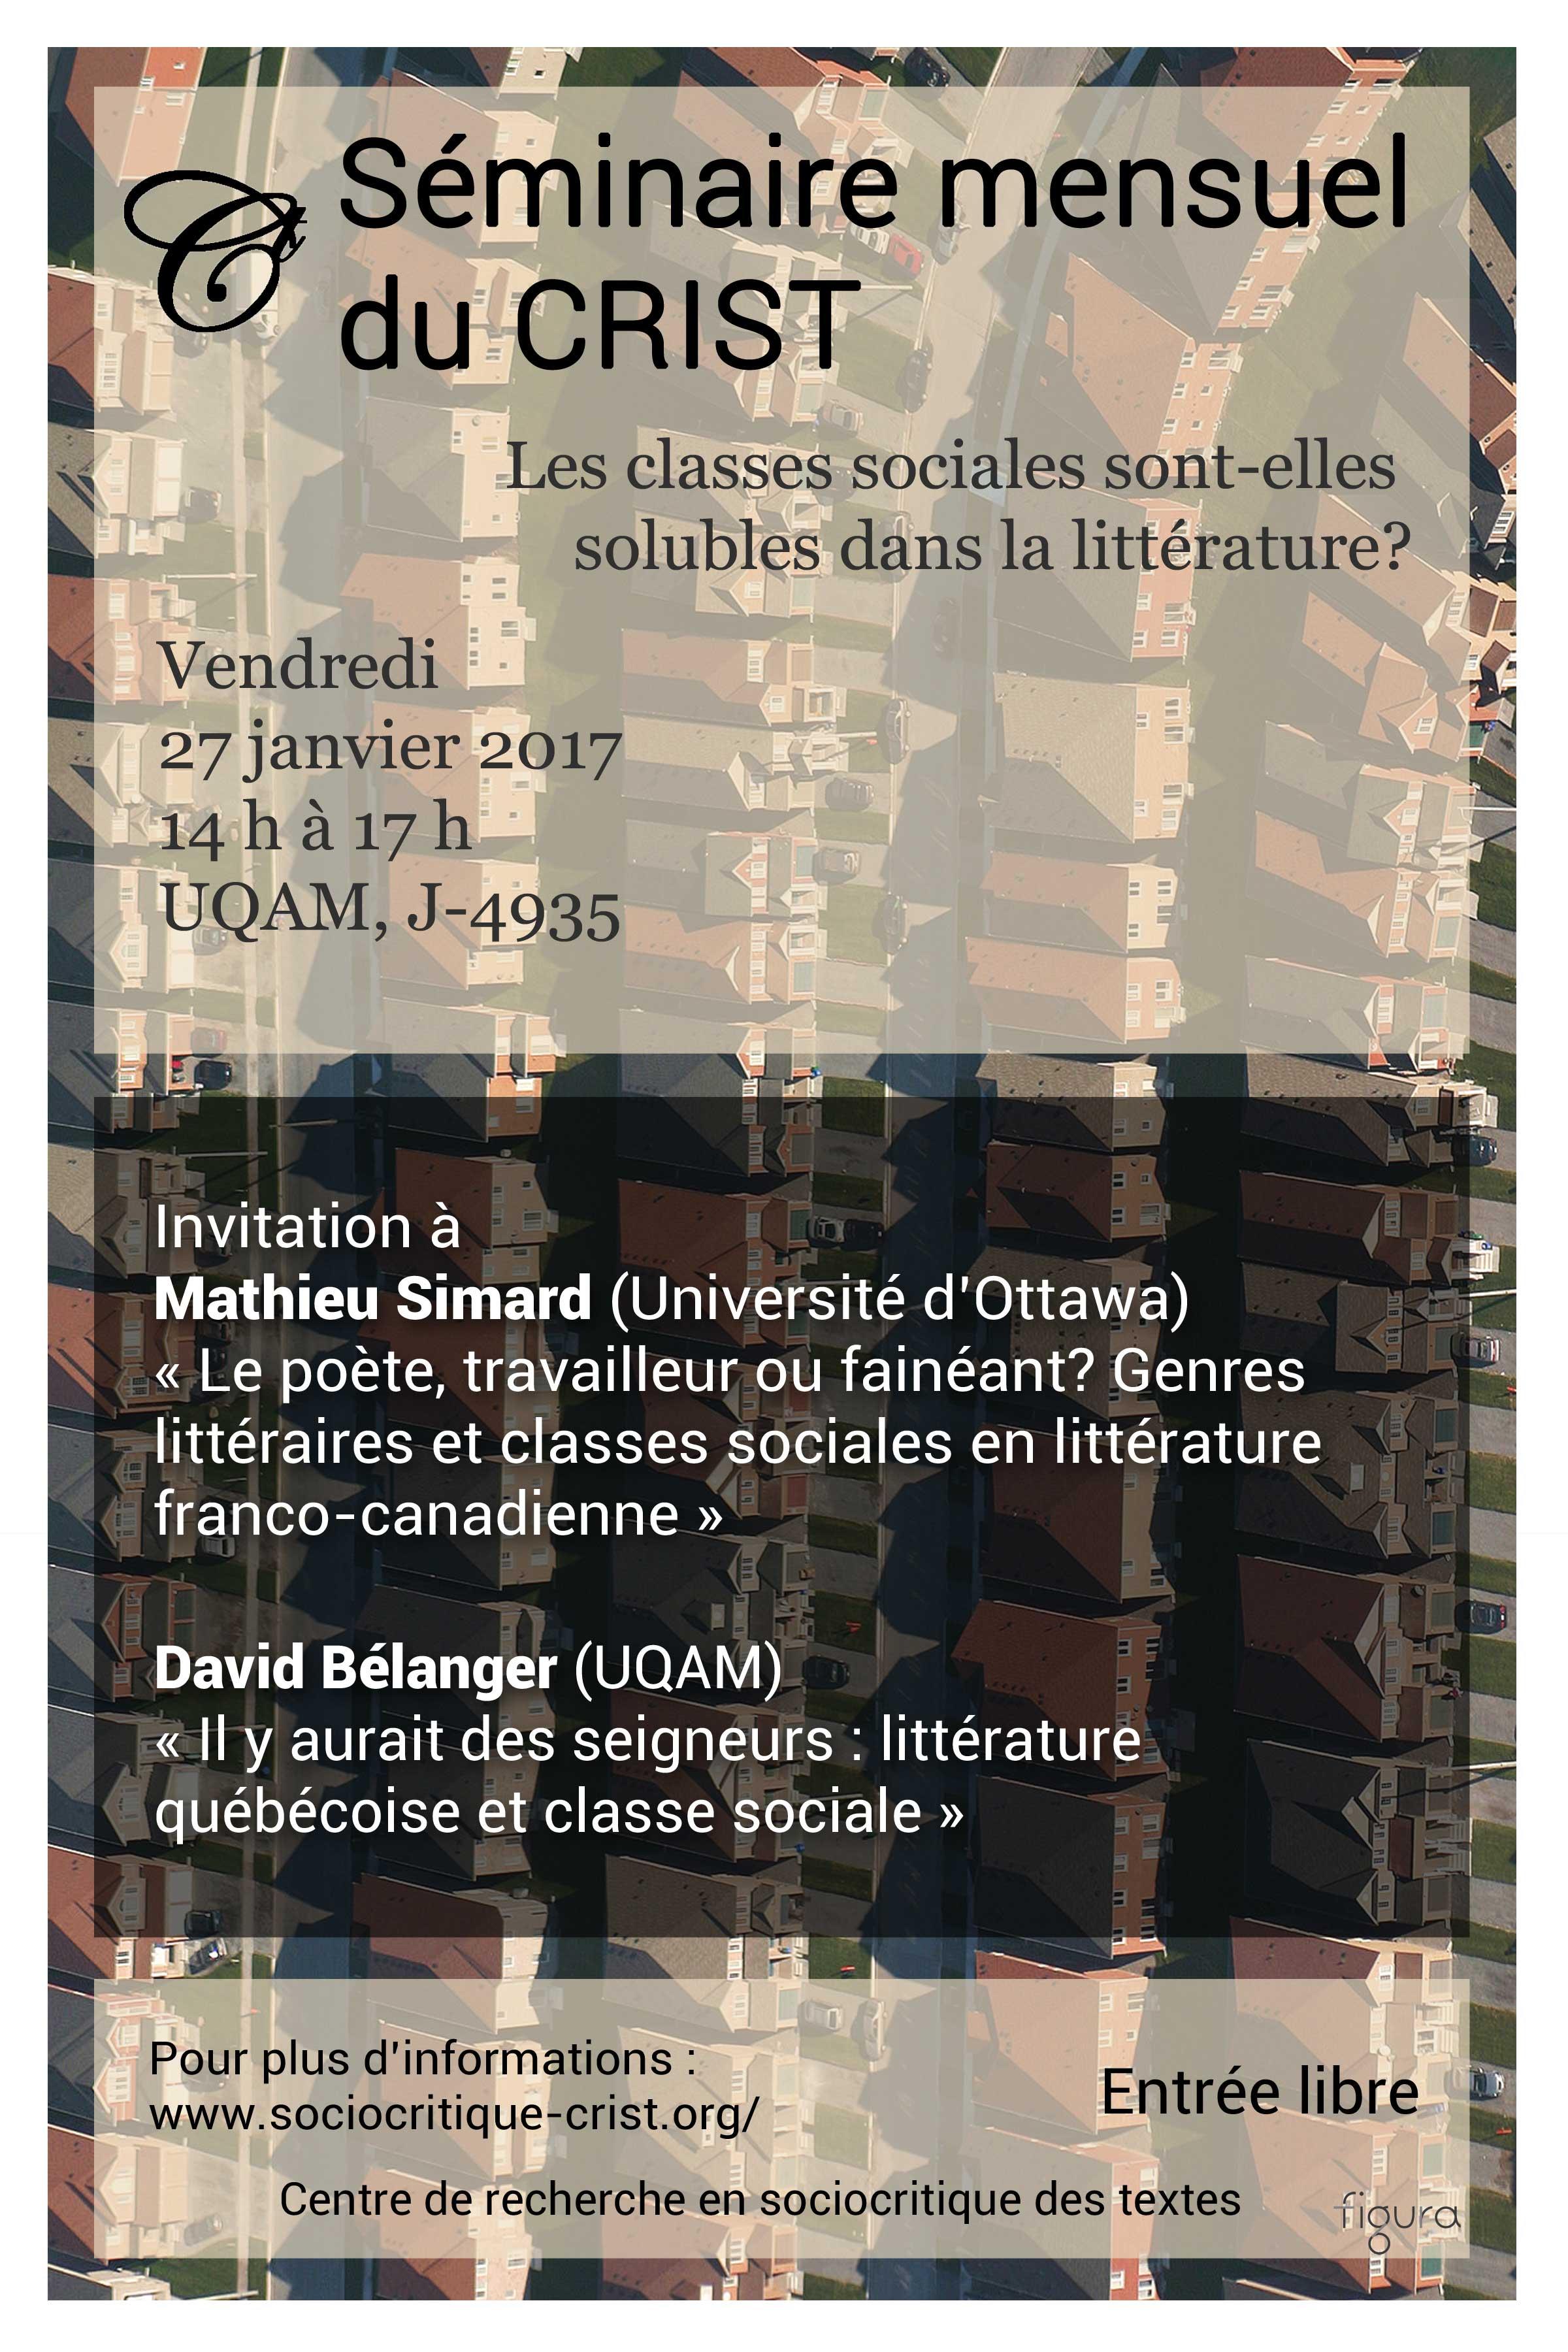 Les classes sociales sont-elles solubles dans la littérature ? 6e séance du séminaire mensuel du CRIST (UQAM)